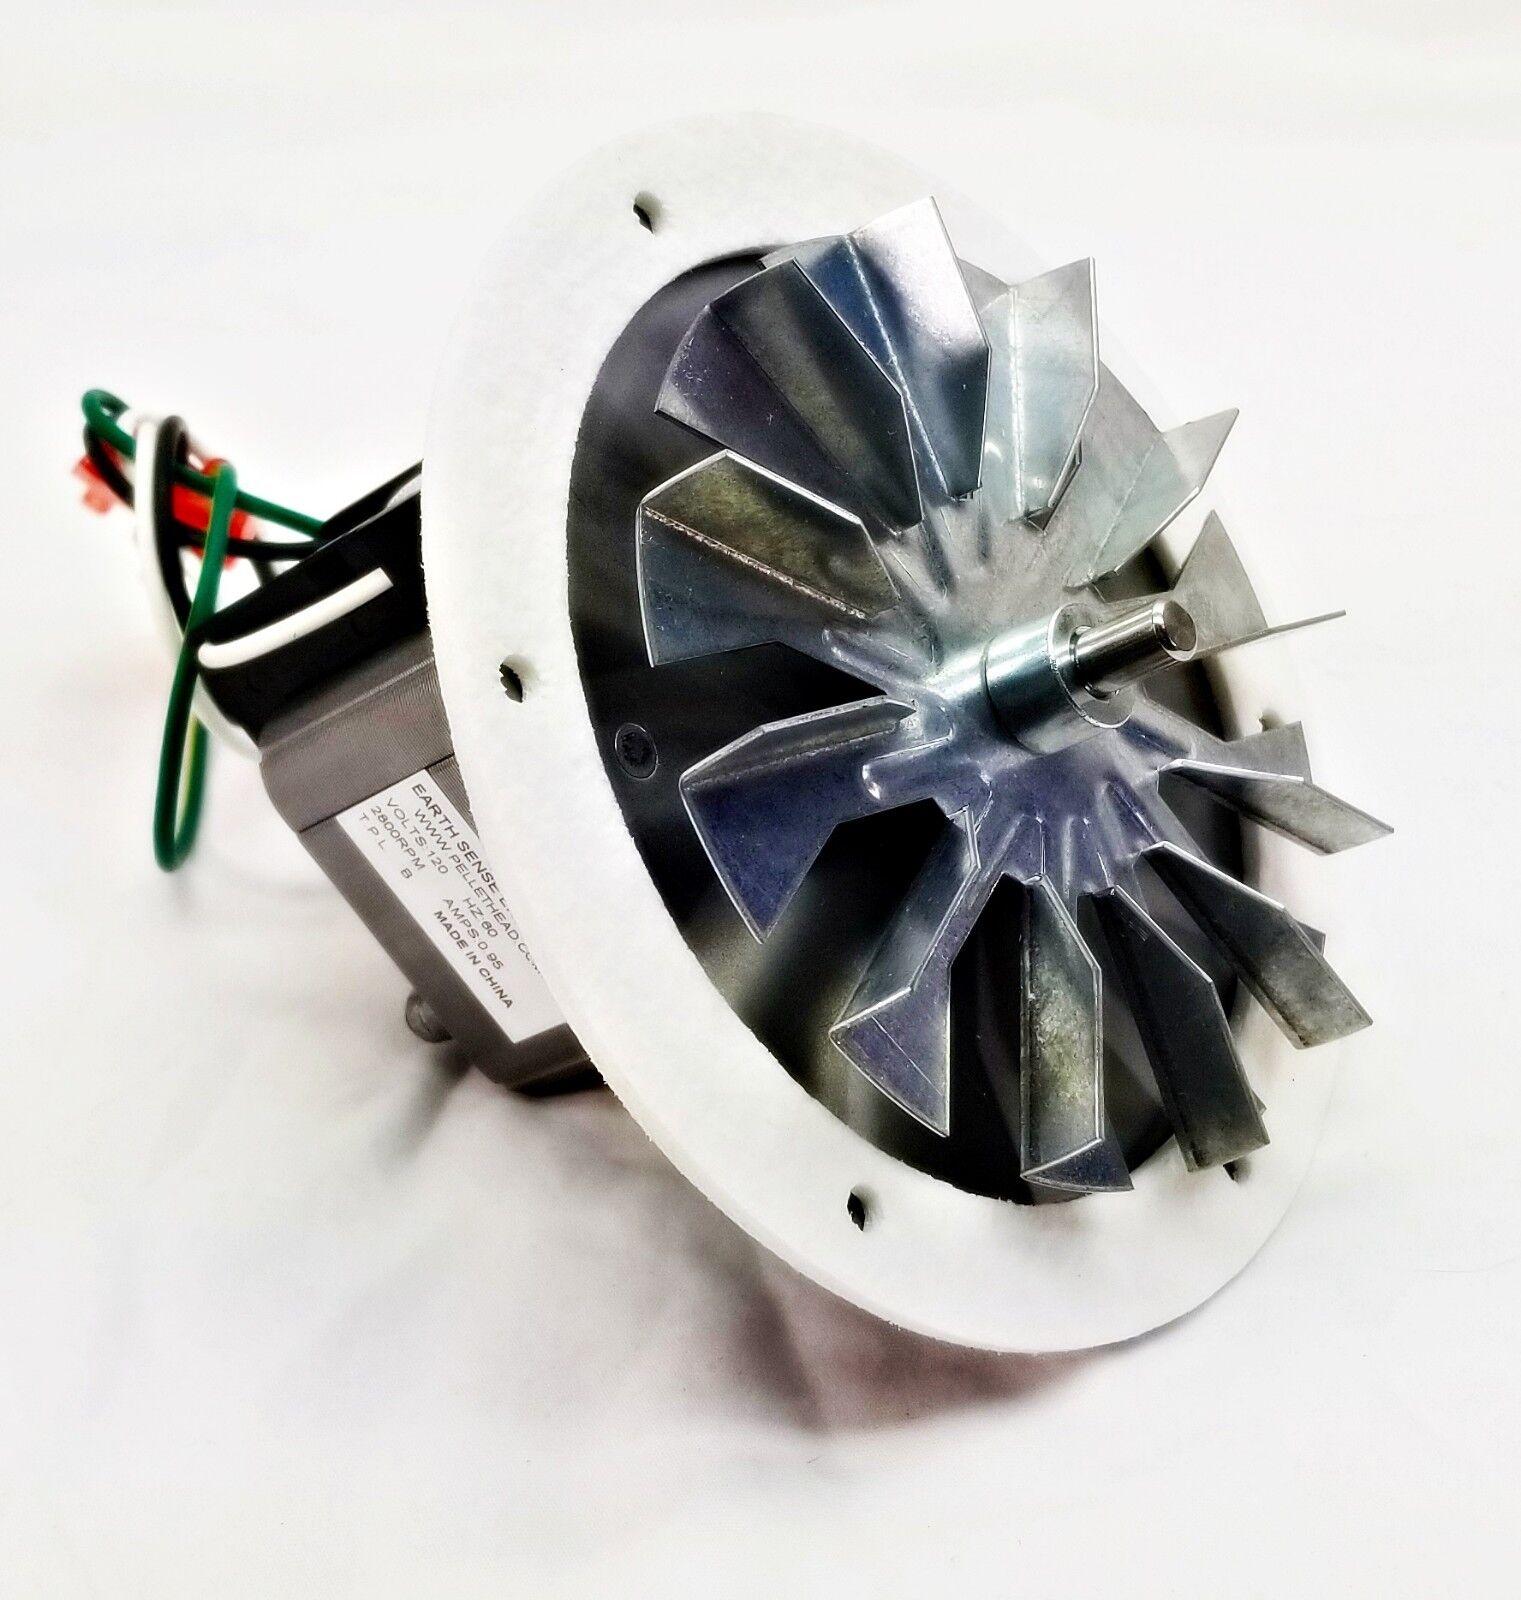 Soplador de ventilador de escape de combustión Danson glowboy Kit. KS5020-1040, Ph-univcombkit-P